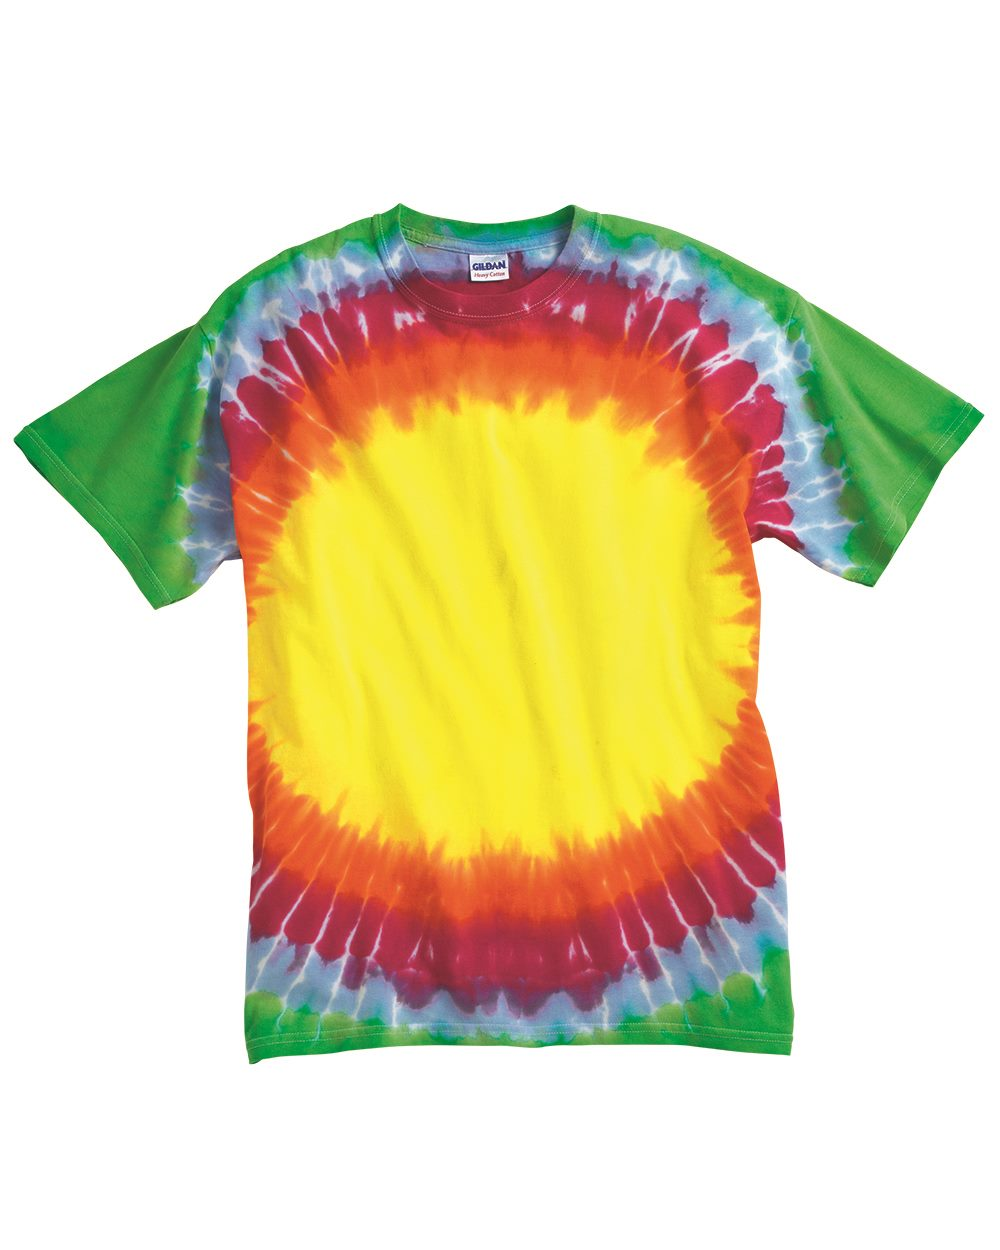 Dyenomite 200BE - Bullseye Tie Dye T Shirt